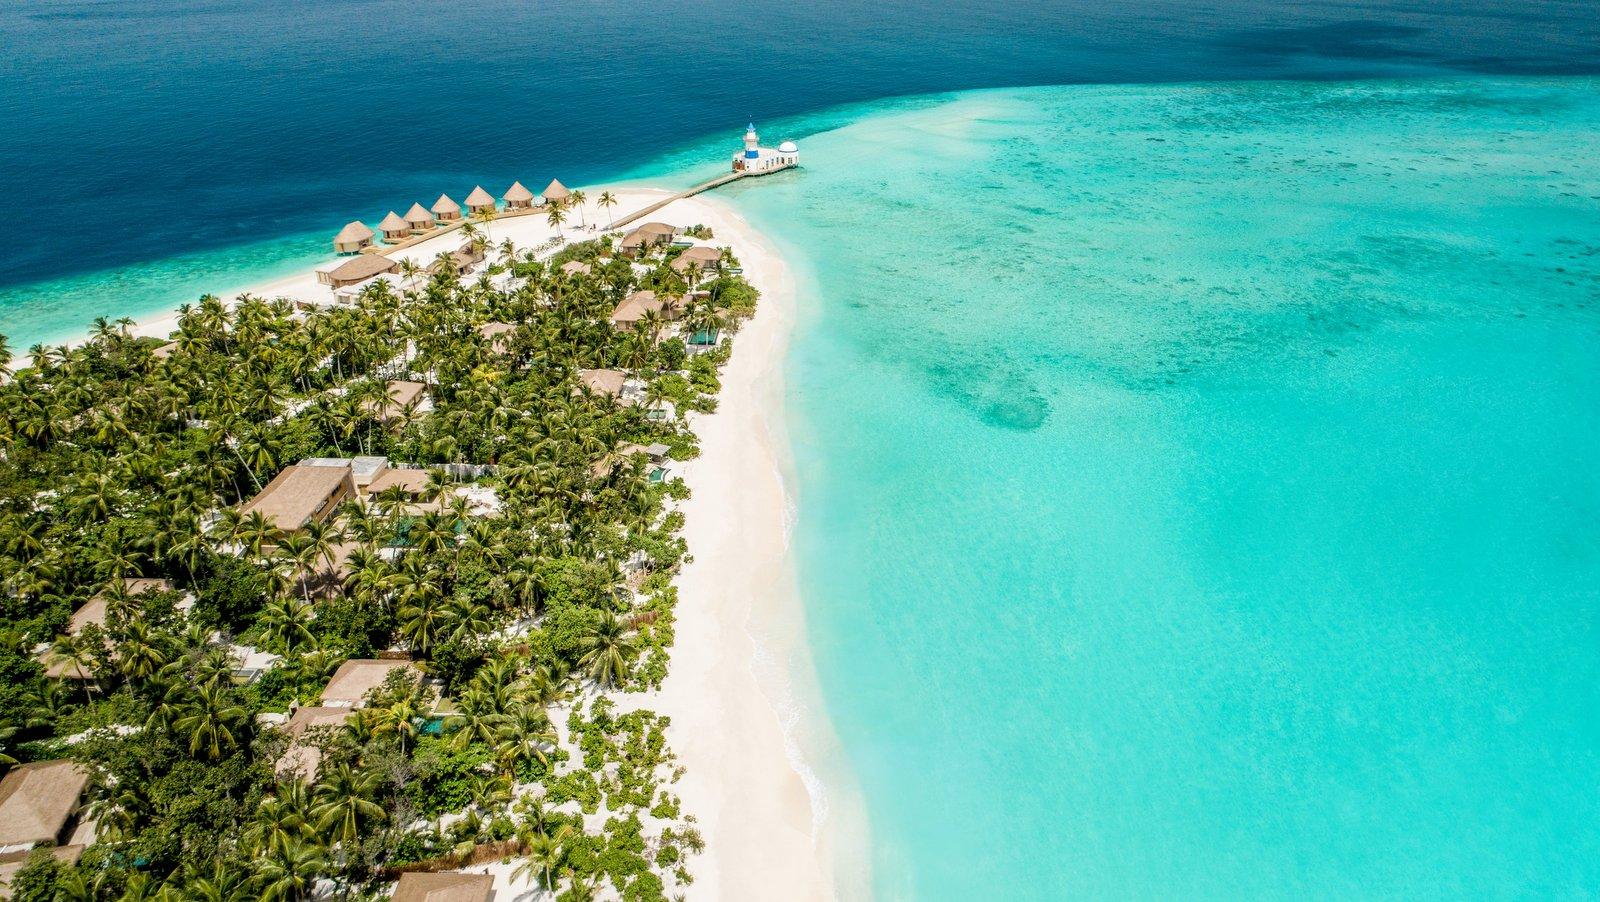 Мальдивы, отель Intercontinental Maldives Maamunagau, остров